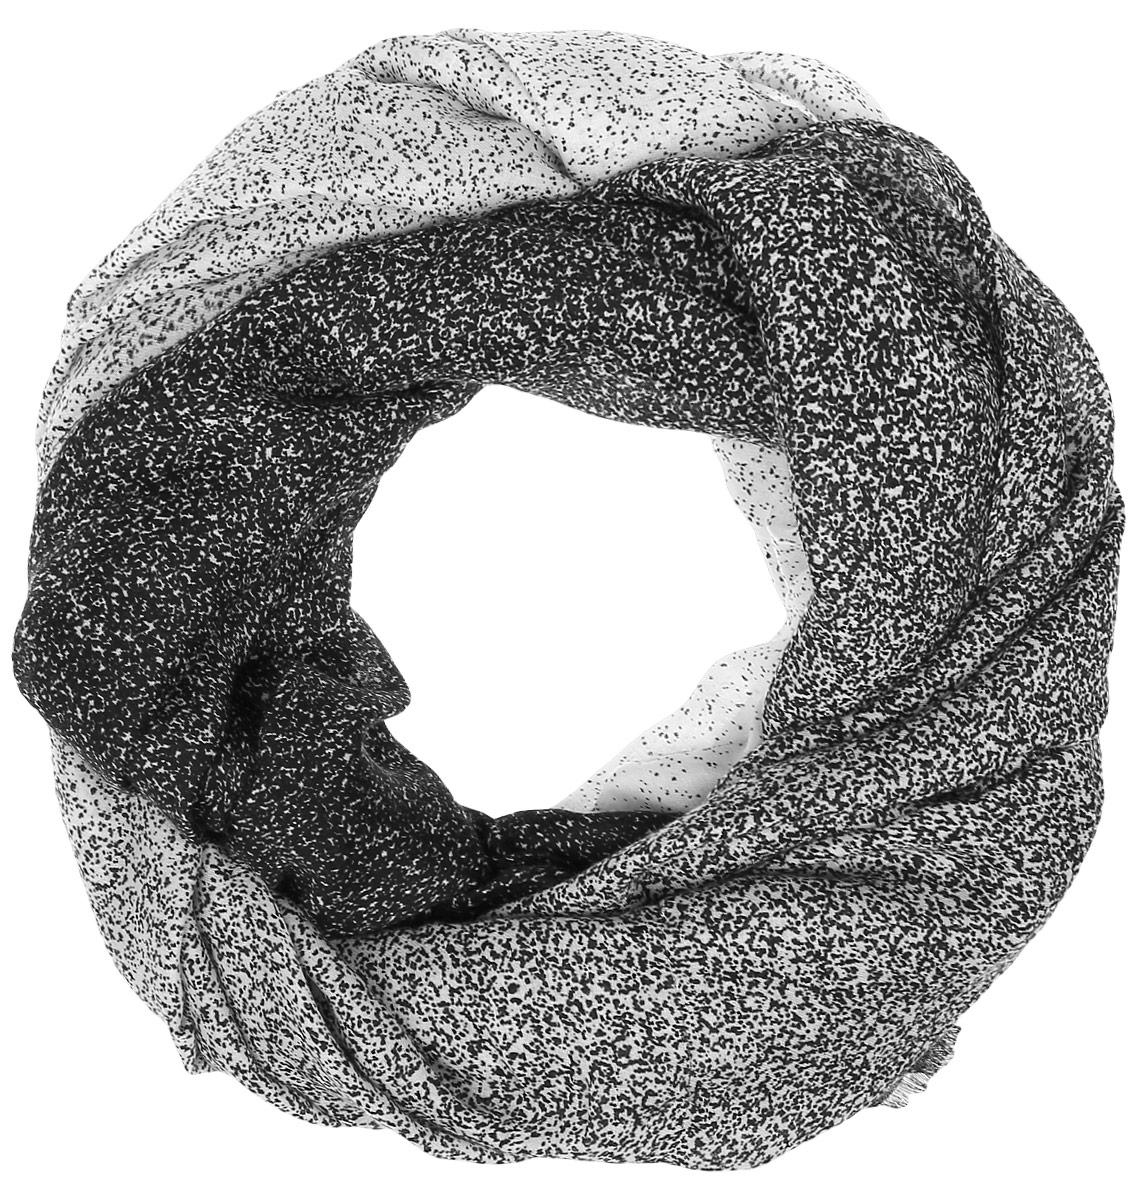 ПалантинYY-21629-14Теплый женский палантин Sophie Ramage станет достойным завершением вашего образа. Палантин изготовлен из сочетания высококачественных материалов модала и шерсти. Модель оформлена контрастным принтом.